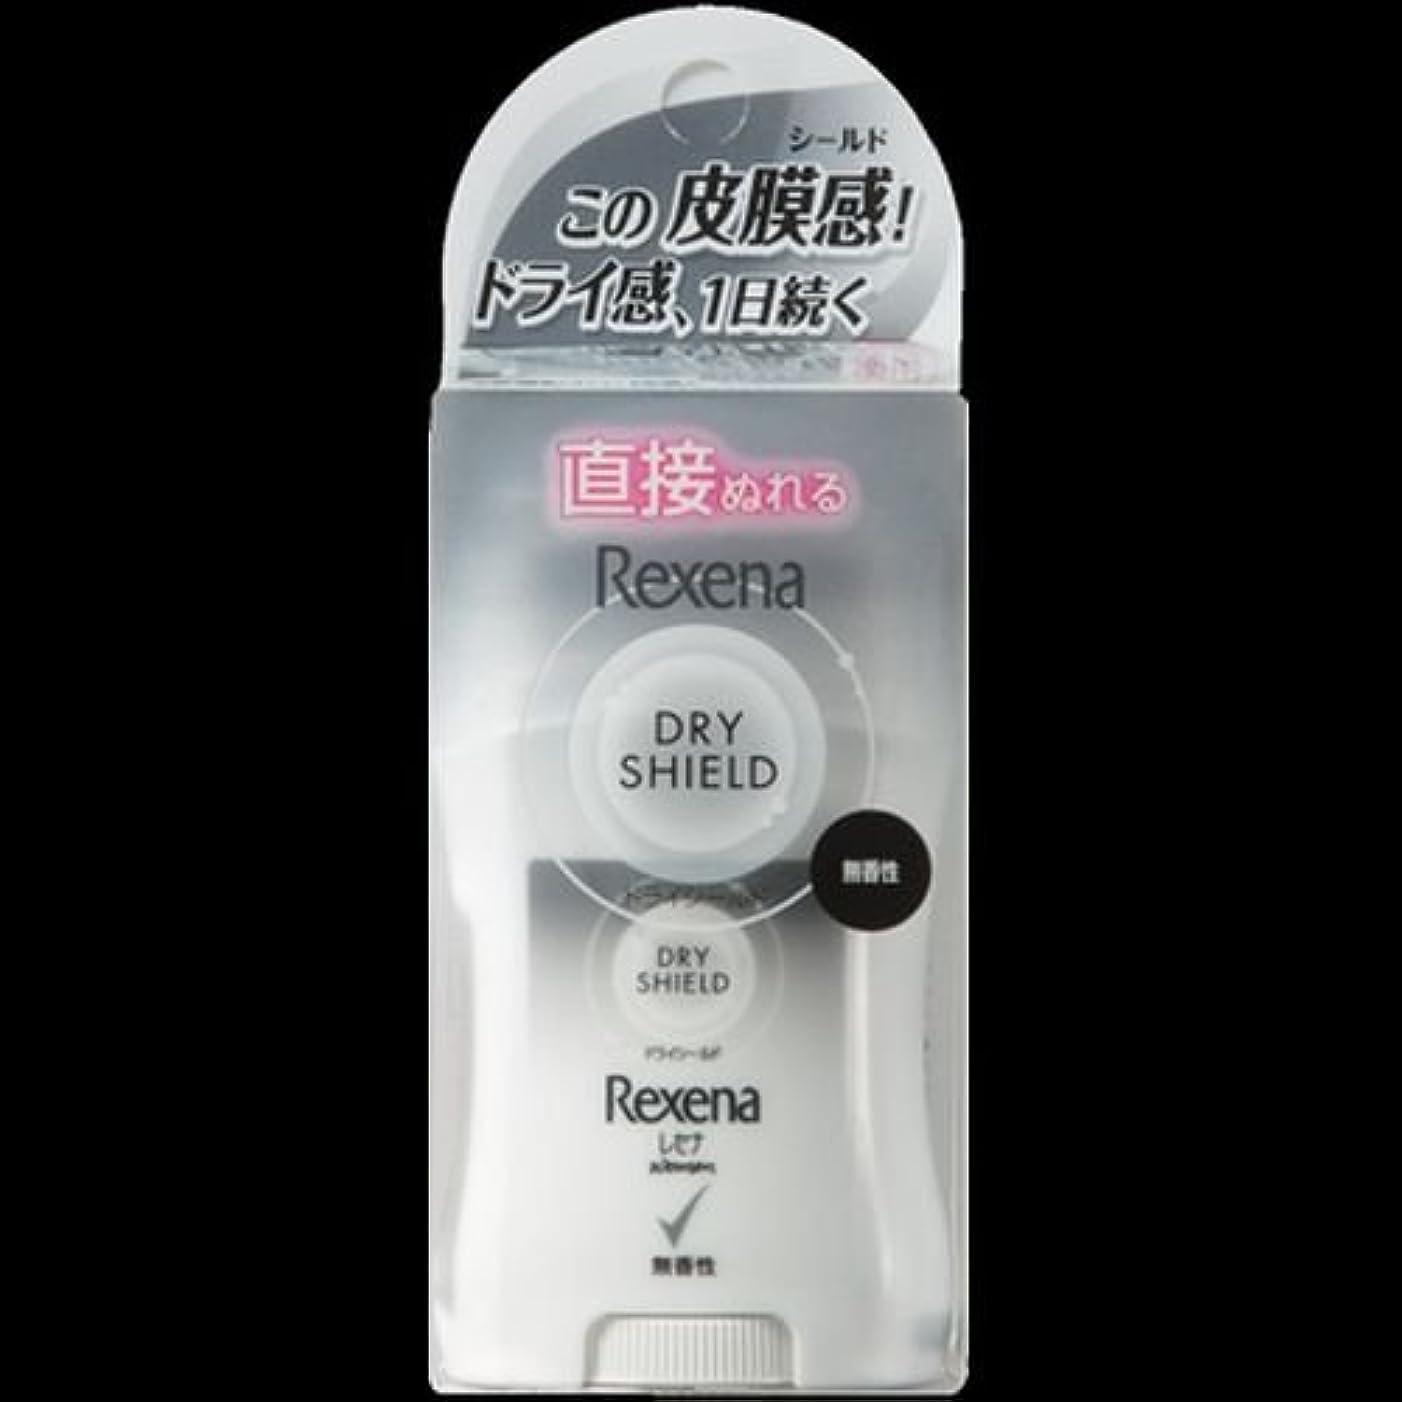 下品無駄用心する【まとめ買い】レセナ ドライシールド パウダースティック 無香性 20g ×2セット